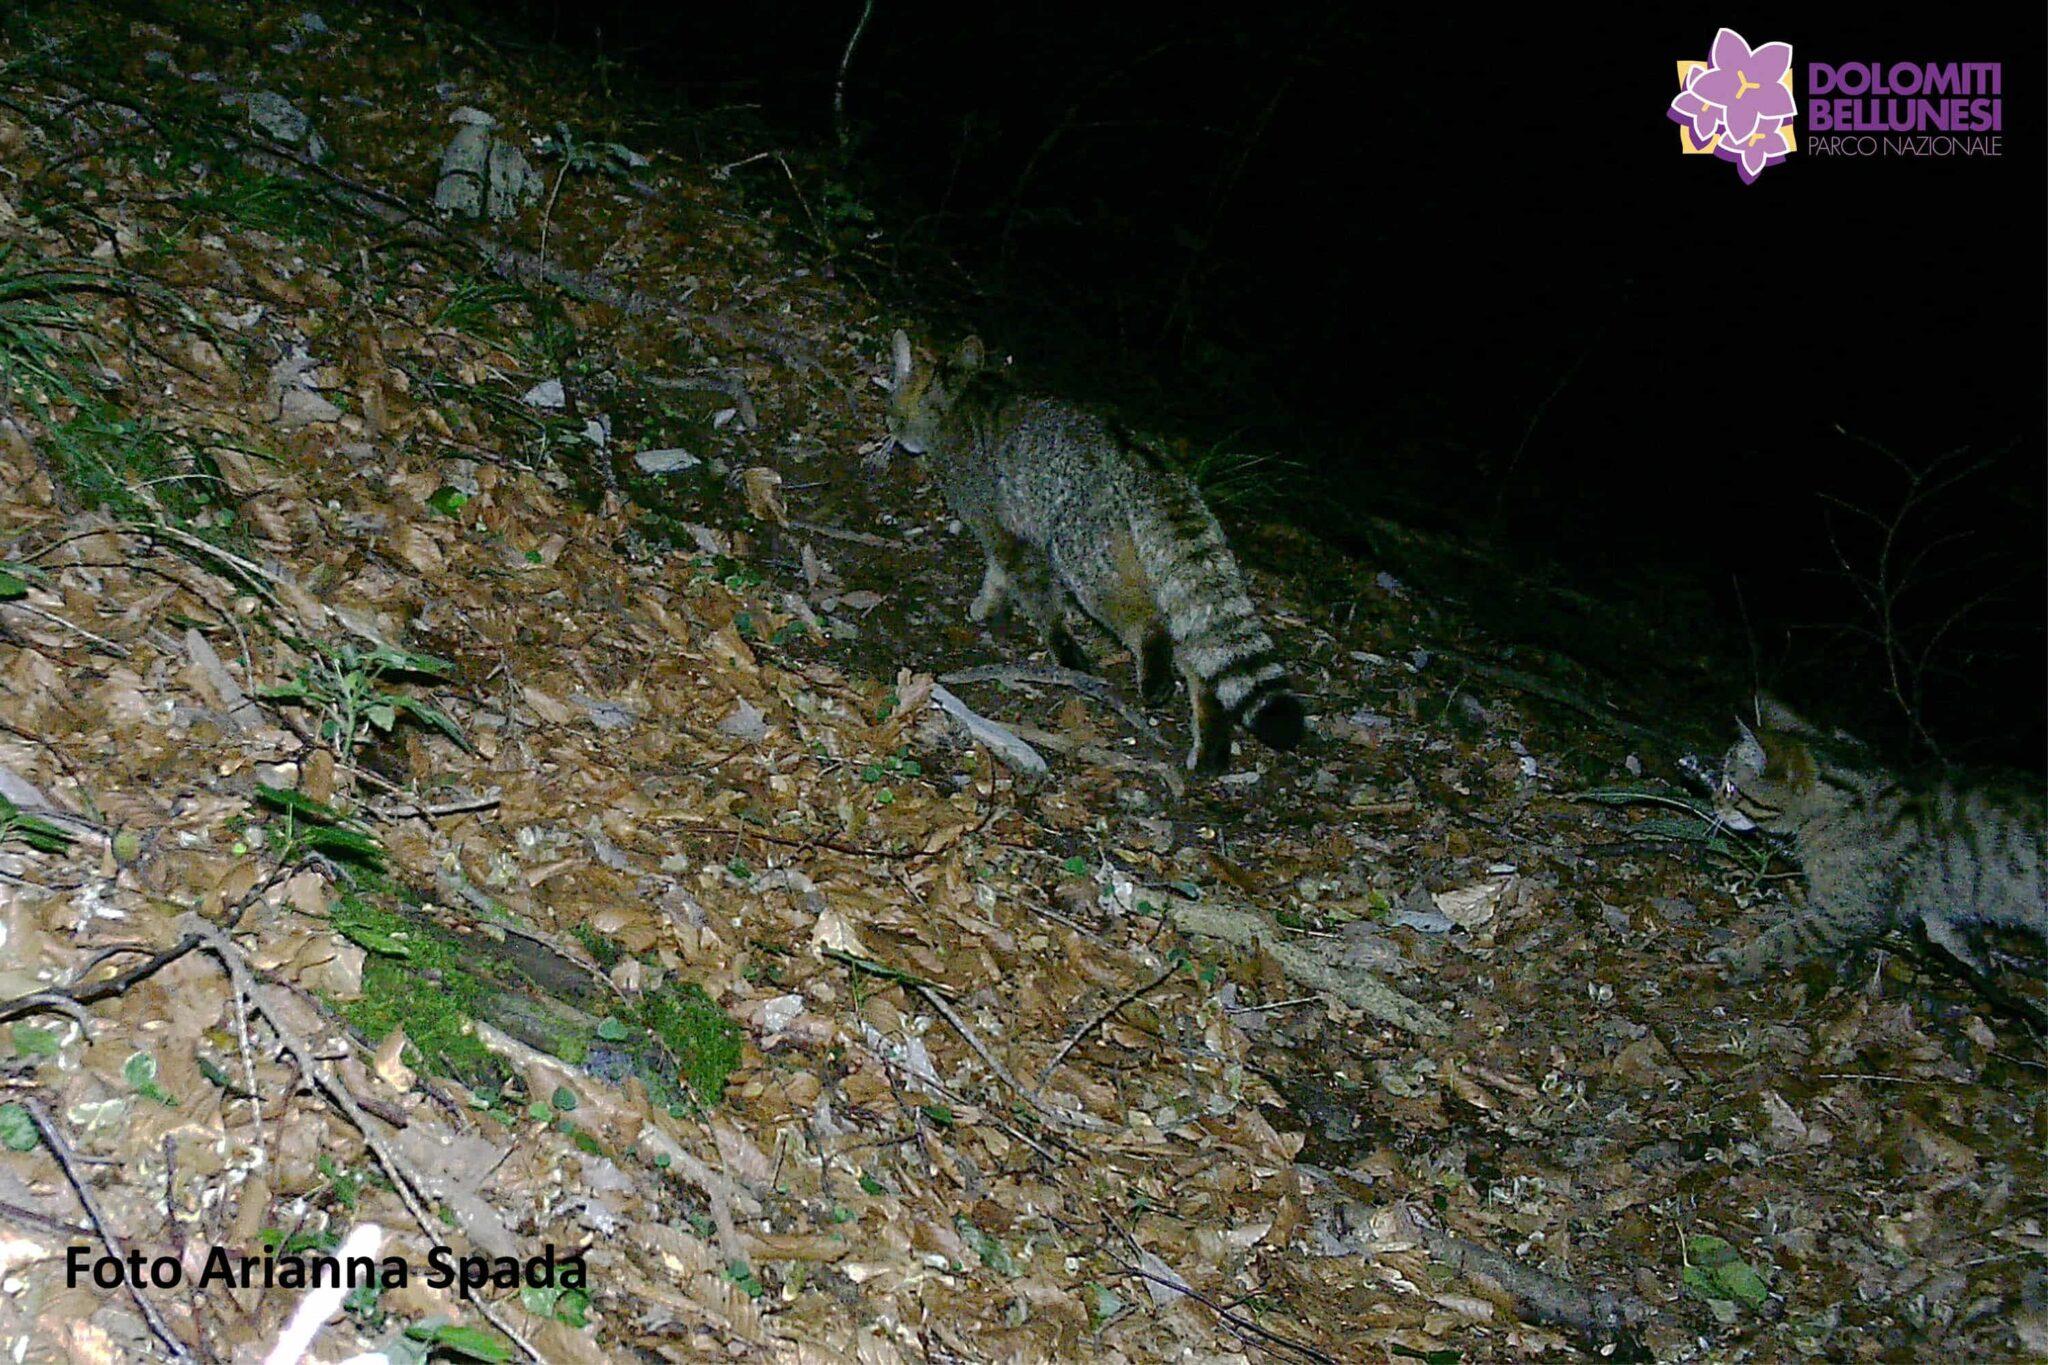 gatto selvatico Parco Nazionale Dolomiti bellunesi